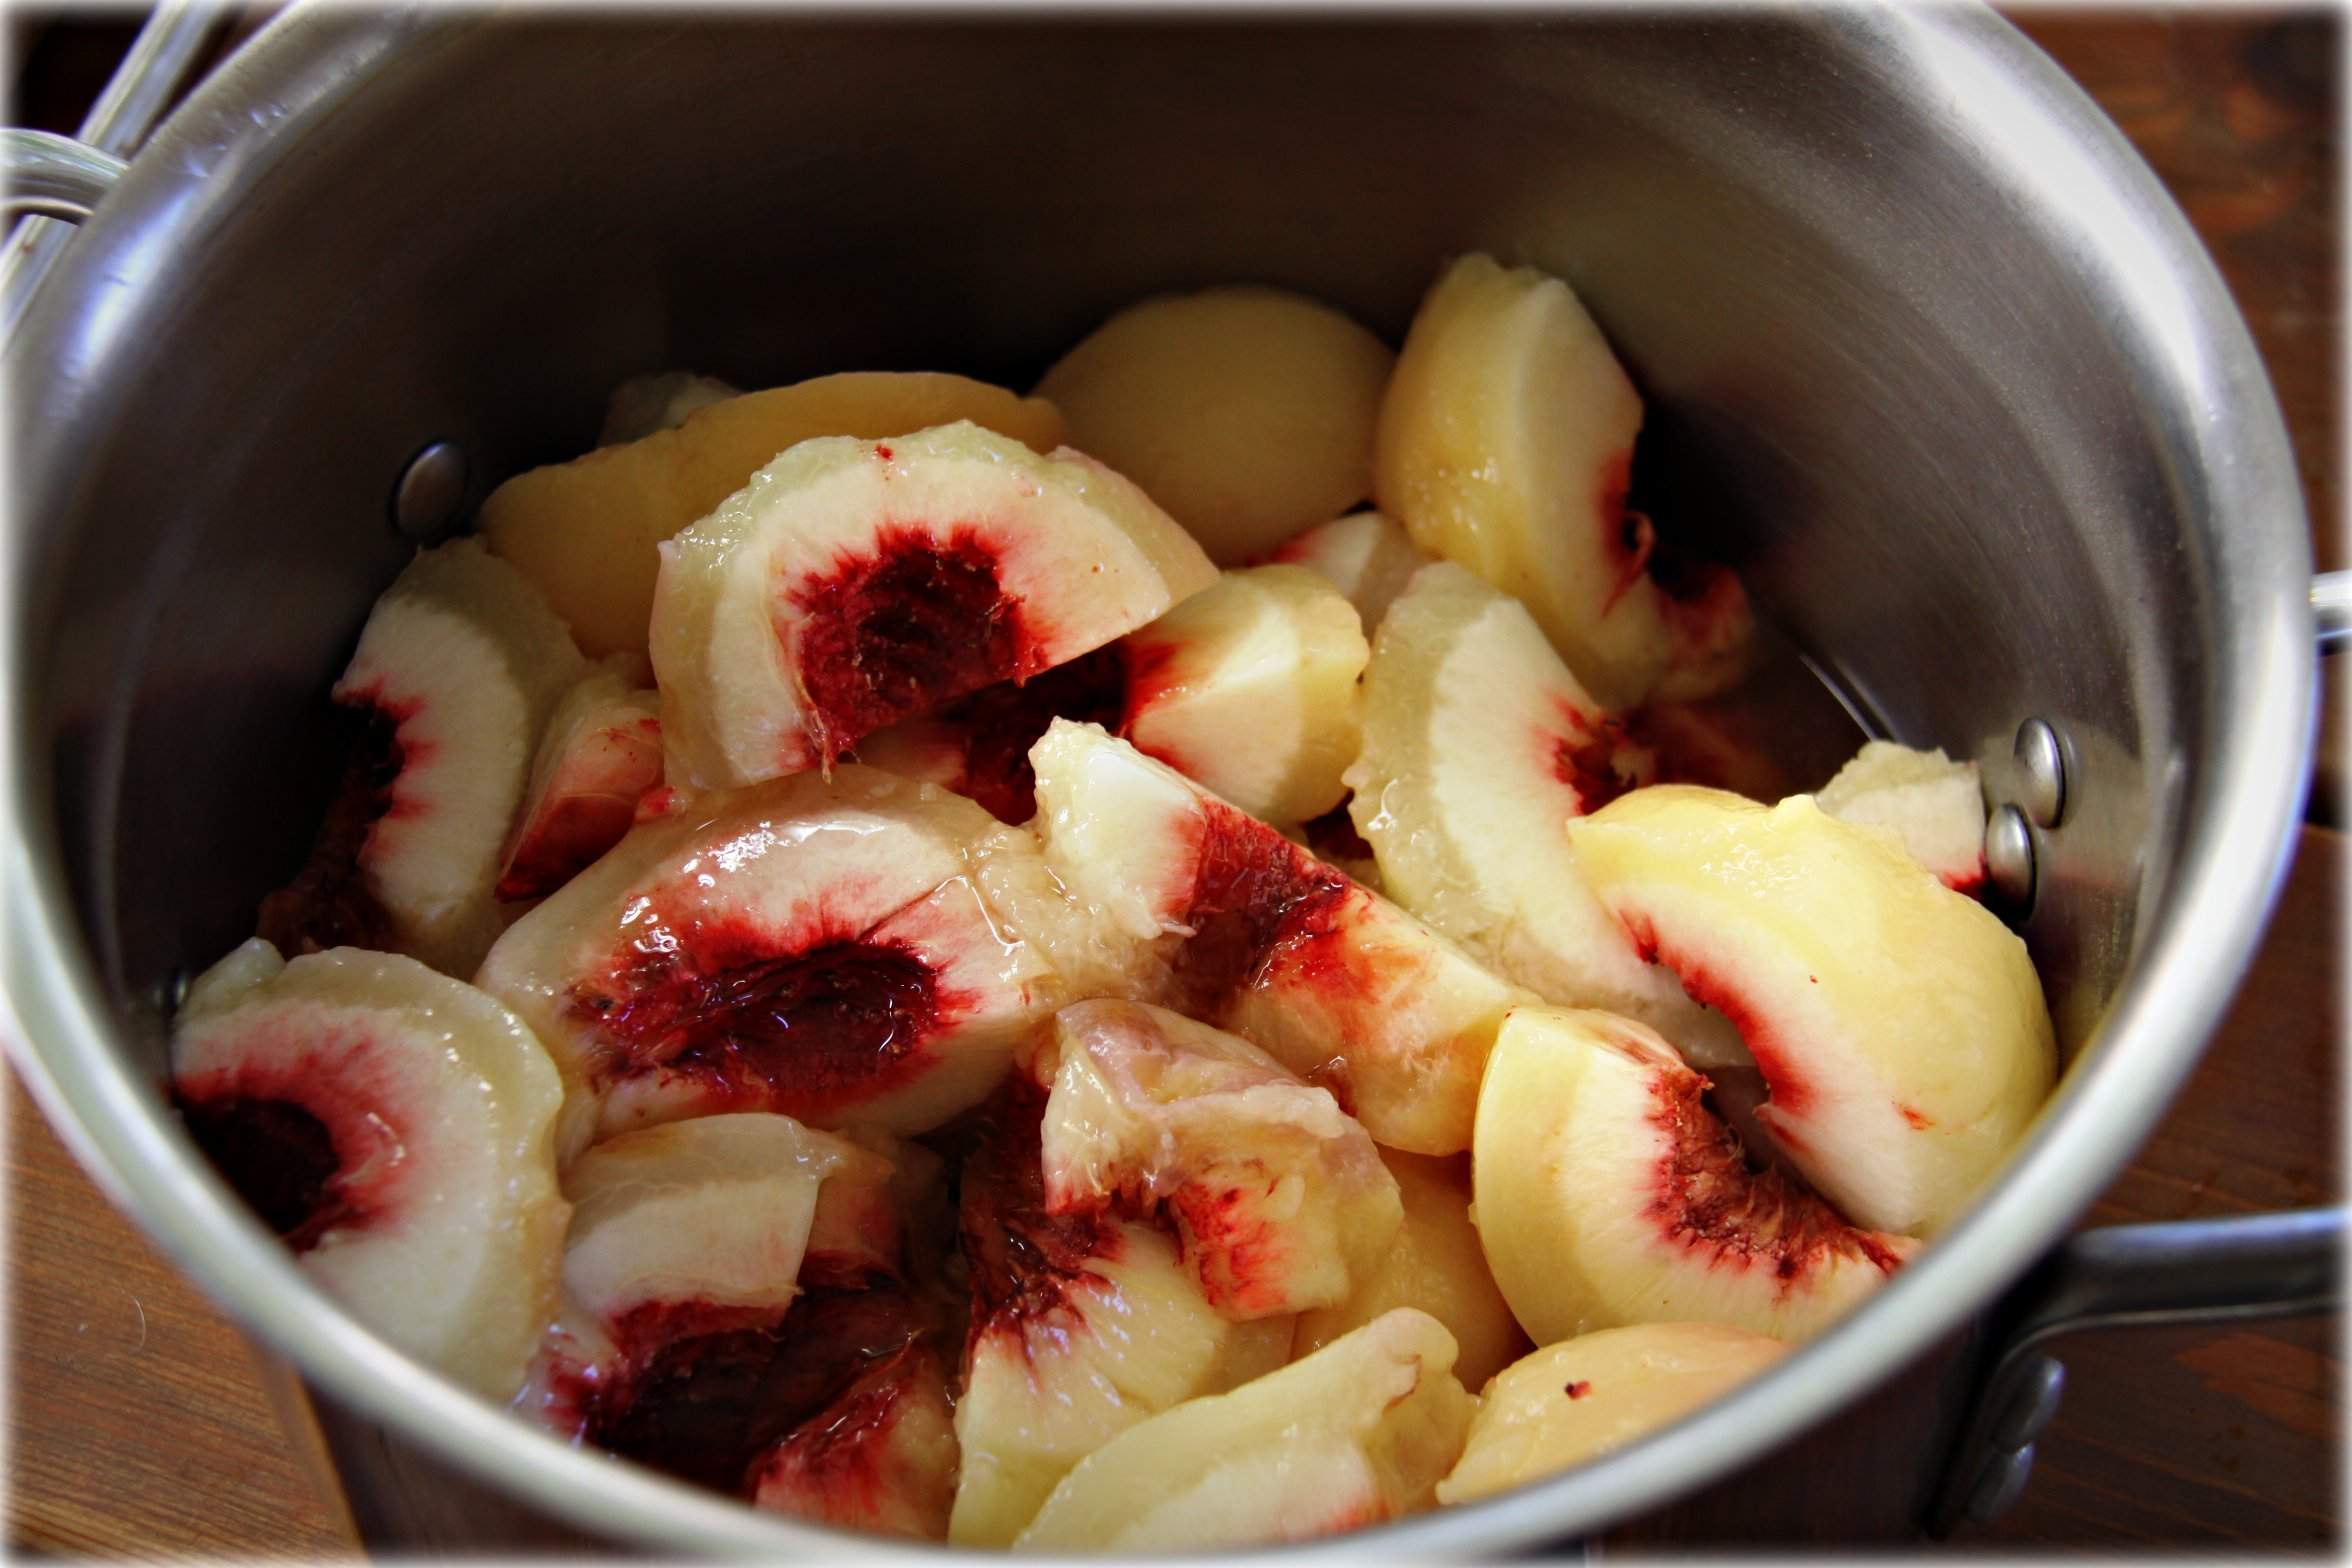 quartered peaches